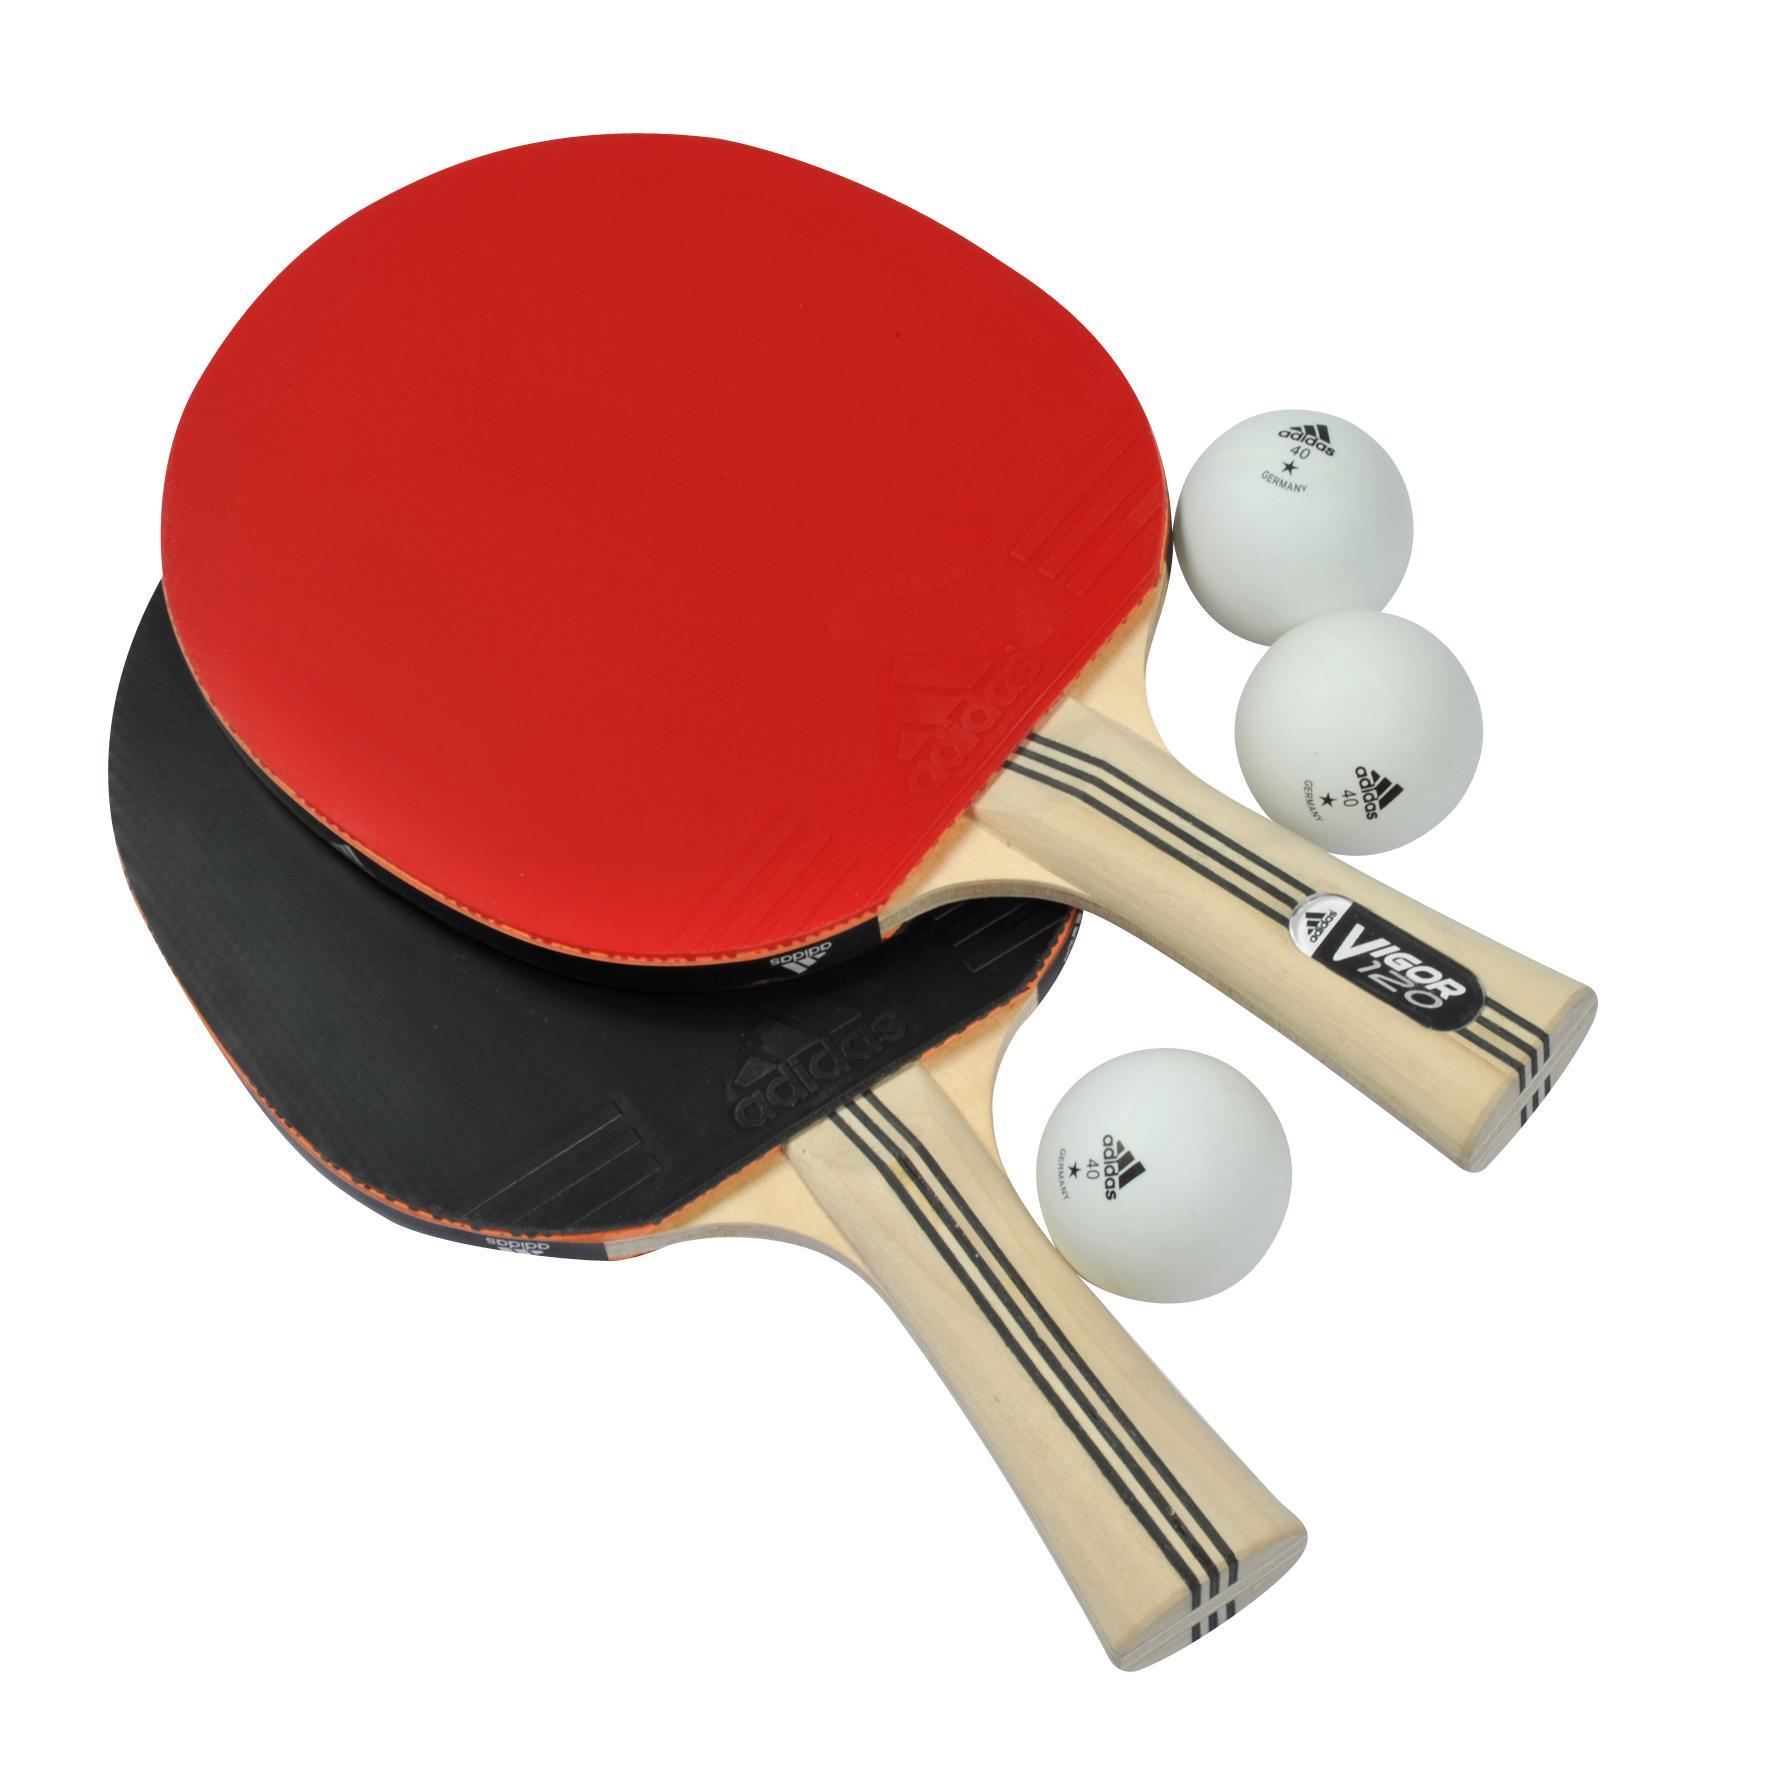 3c27080173f Adidas Vigor 120 Table Tennis Bats and Balls Set - Tennisnuts.com